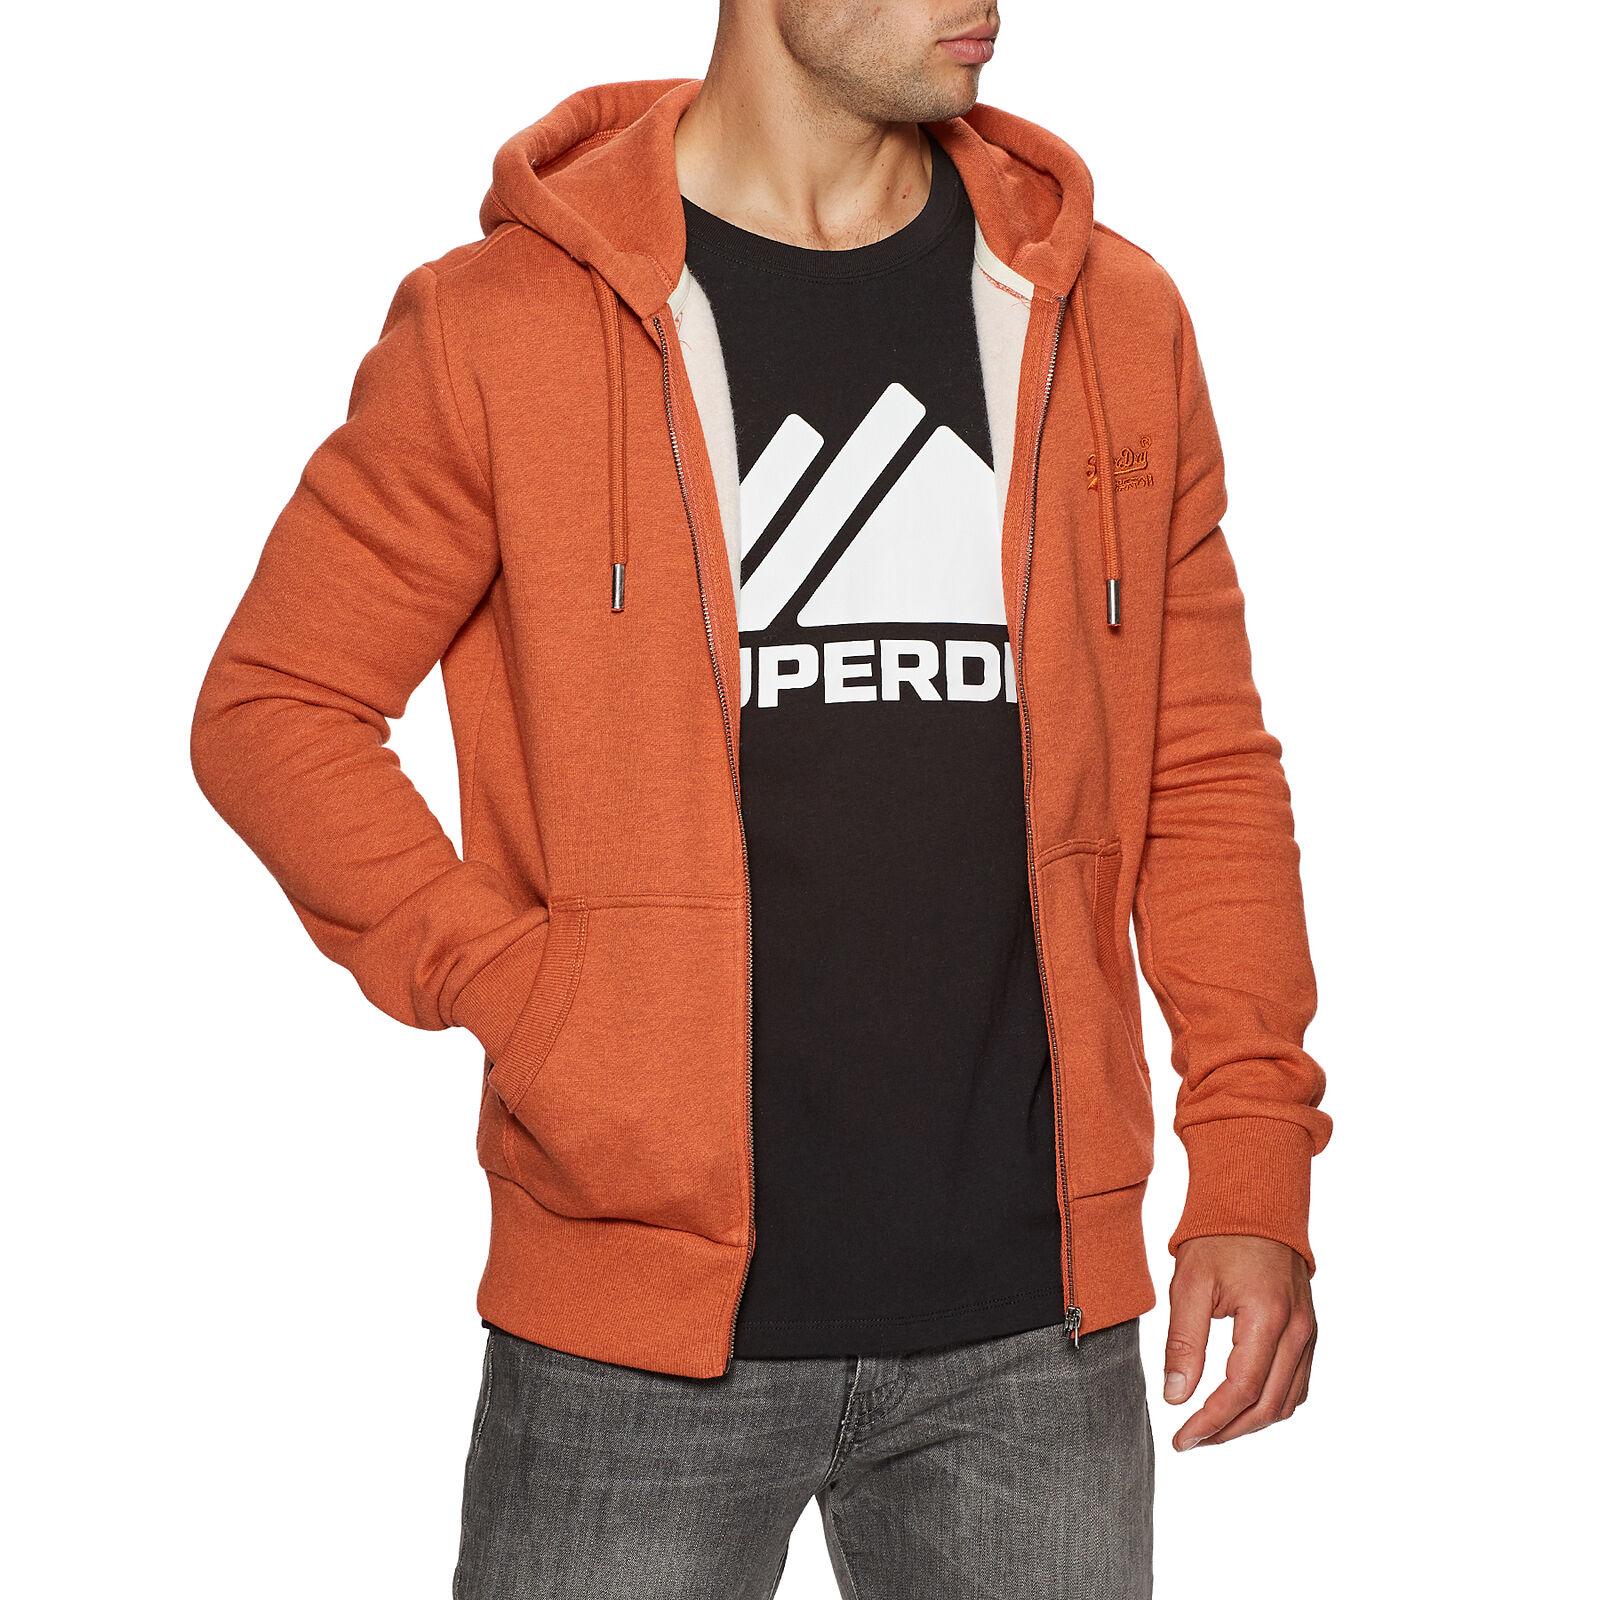 Superdry Ol Classic Mens Hoody Zip - Rust Orange Marl All Sizes